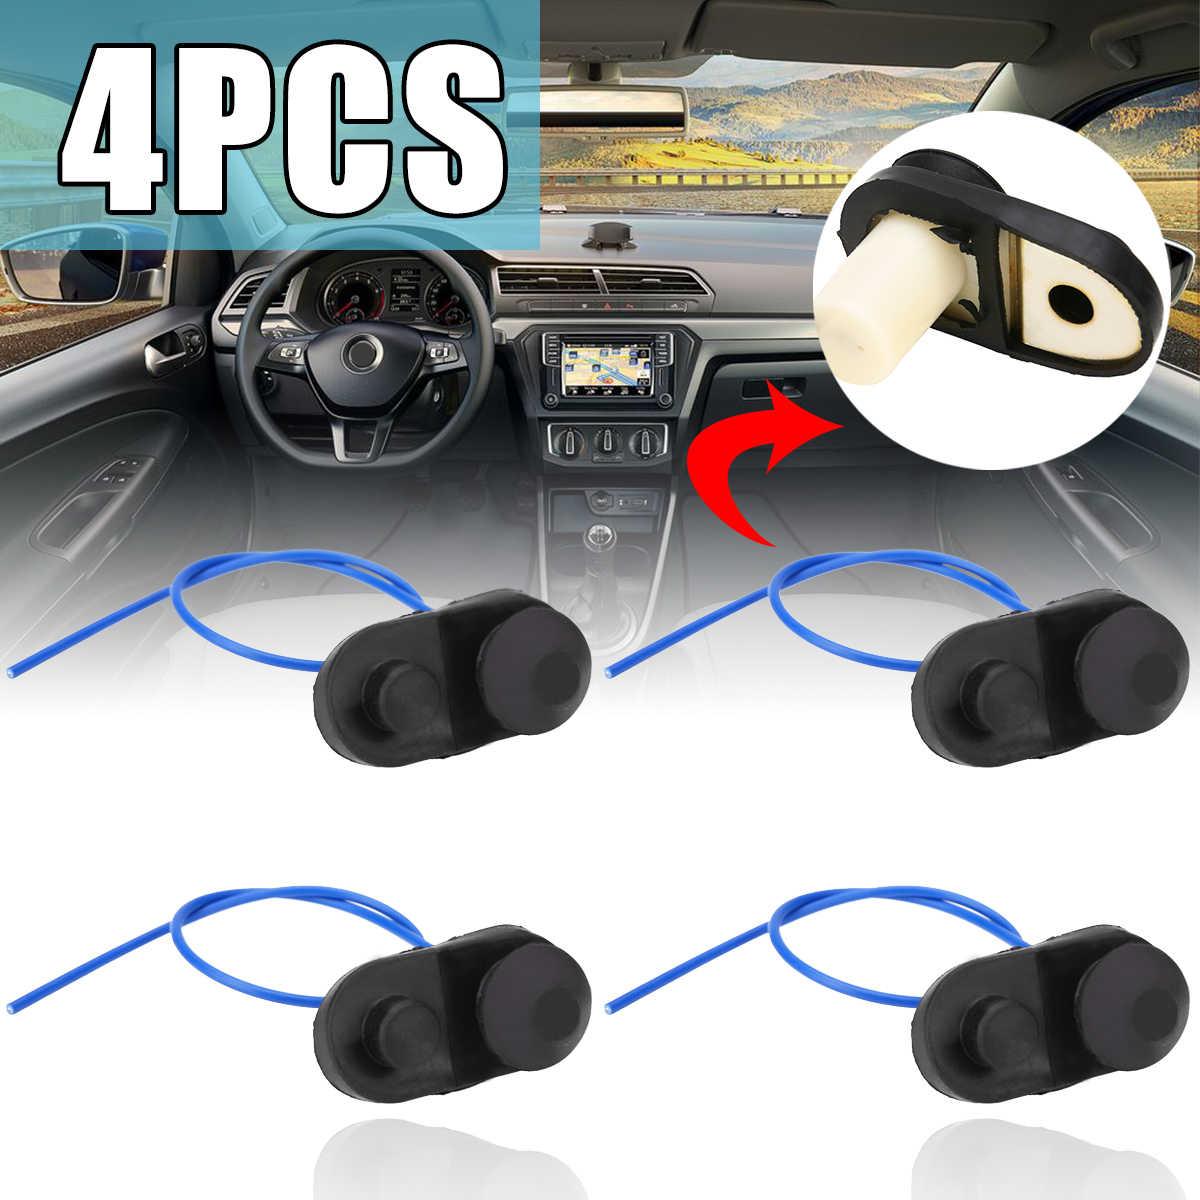 Новое поступление, 4 шт., универсальный автомобильный светильник для внутренней двери, кнопка переключения, детали салона автомобиля, черный цвет